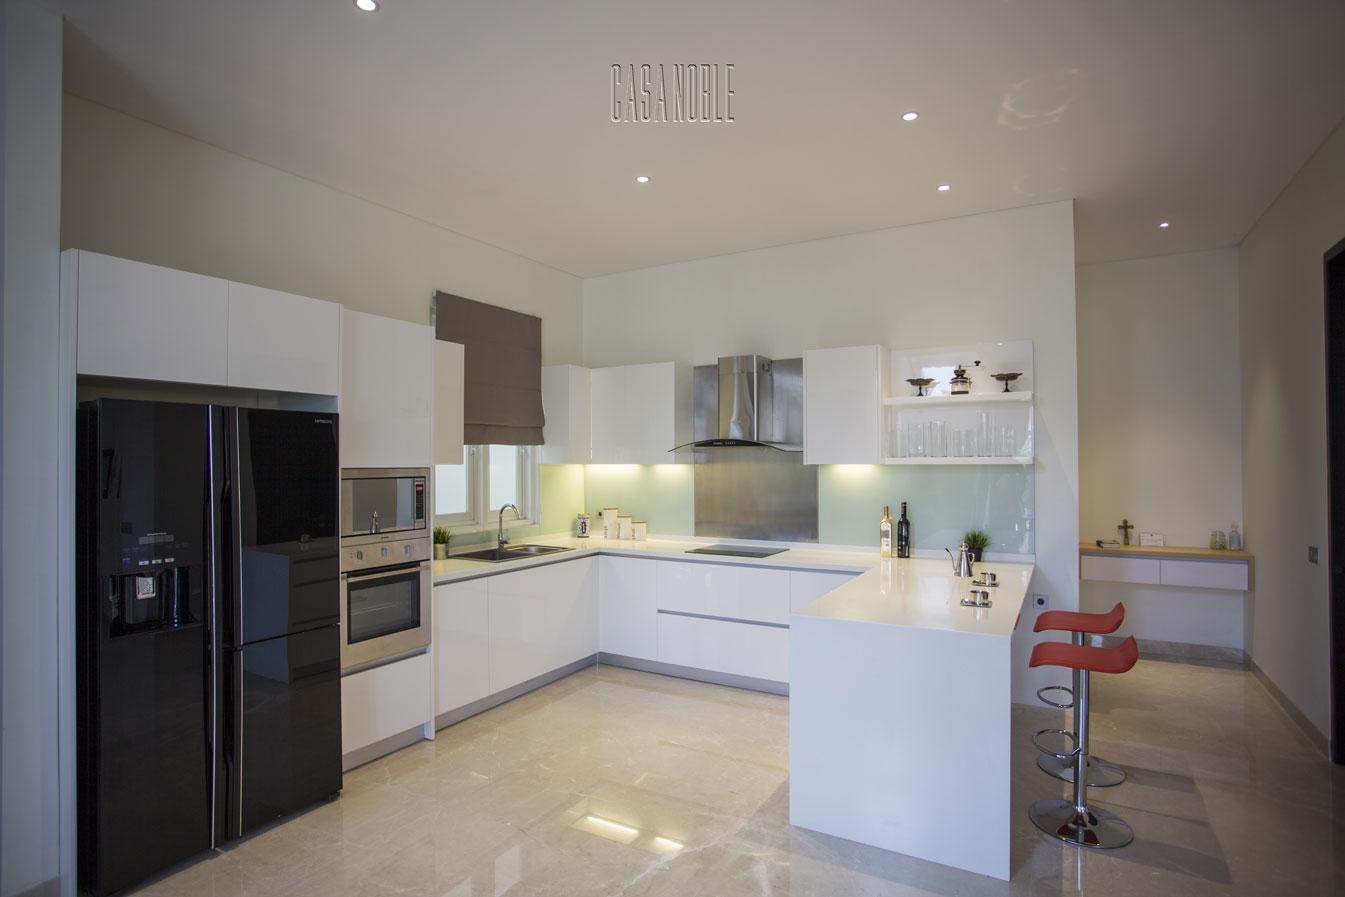 Casanoble dapur kitchen set kitchenset custom luxury mewah desainer jakarta indonesia 9 jpg